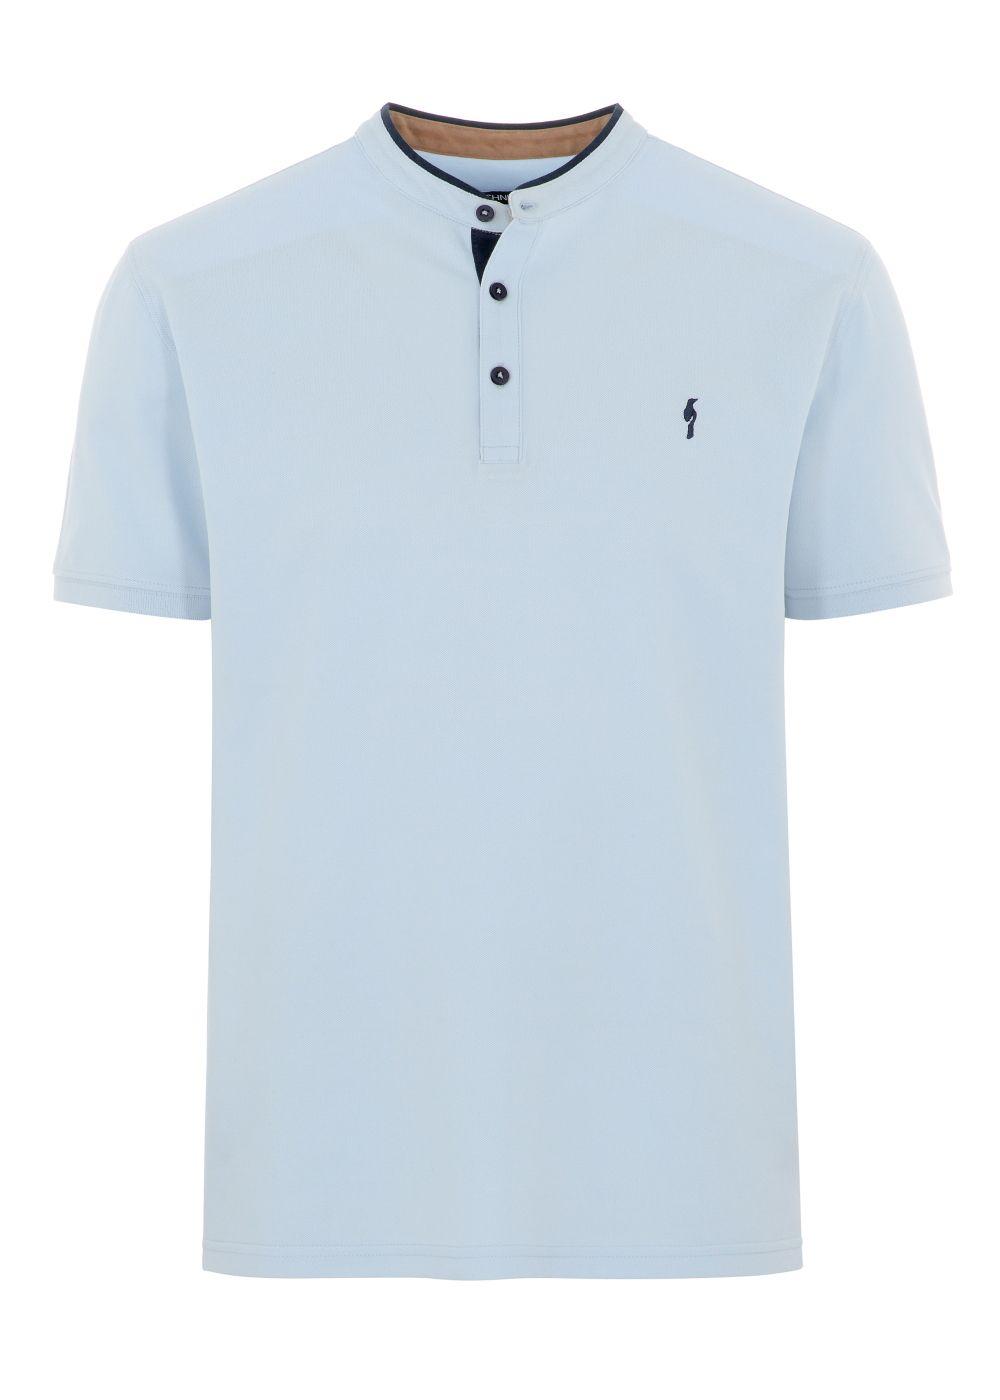 Koszulka polo POLMT-0044-61(W21)